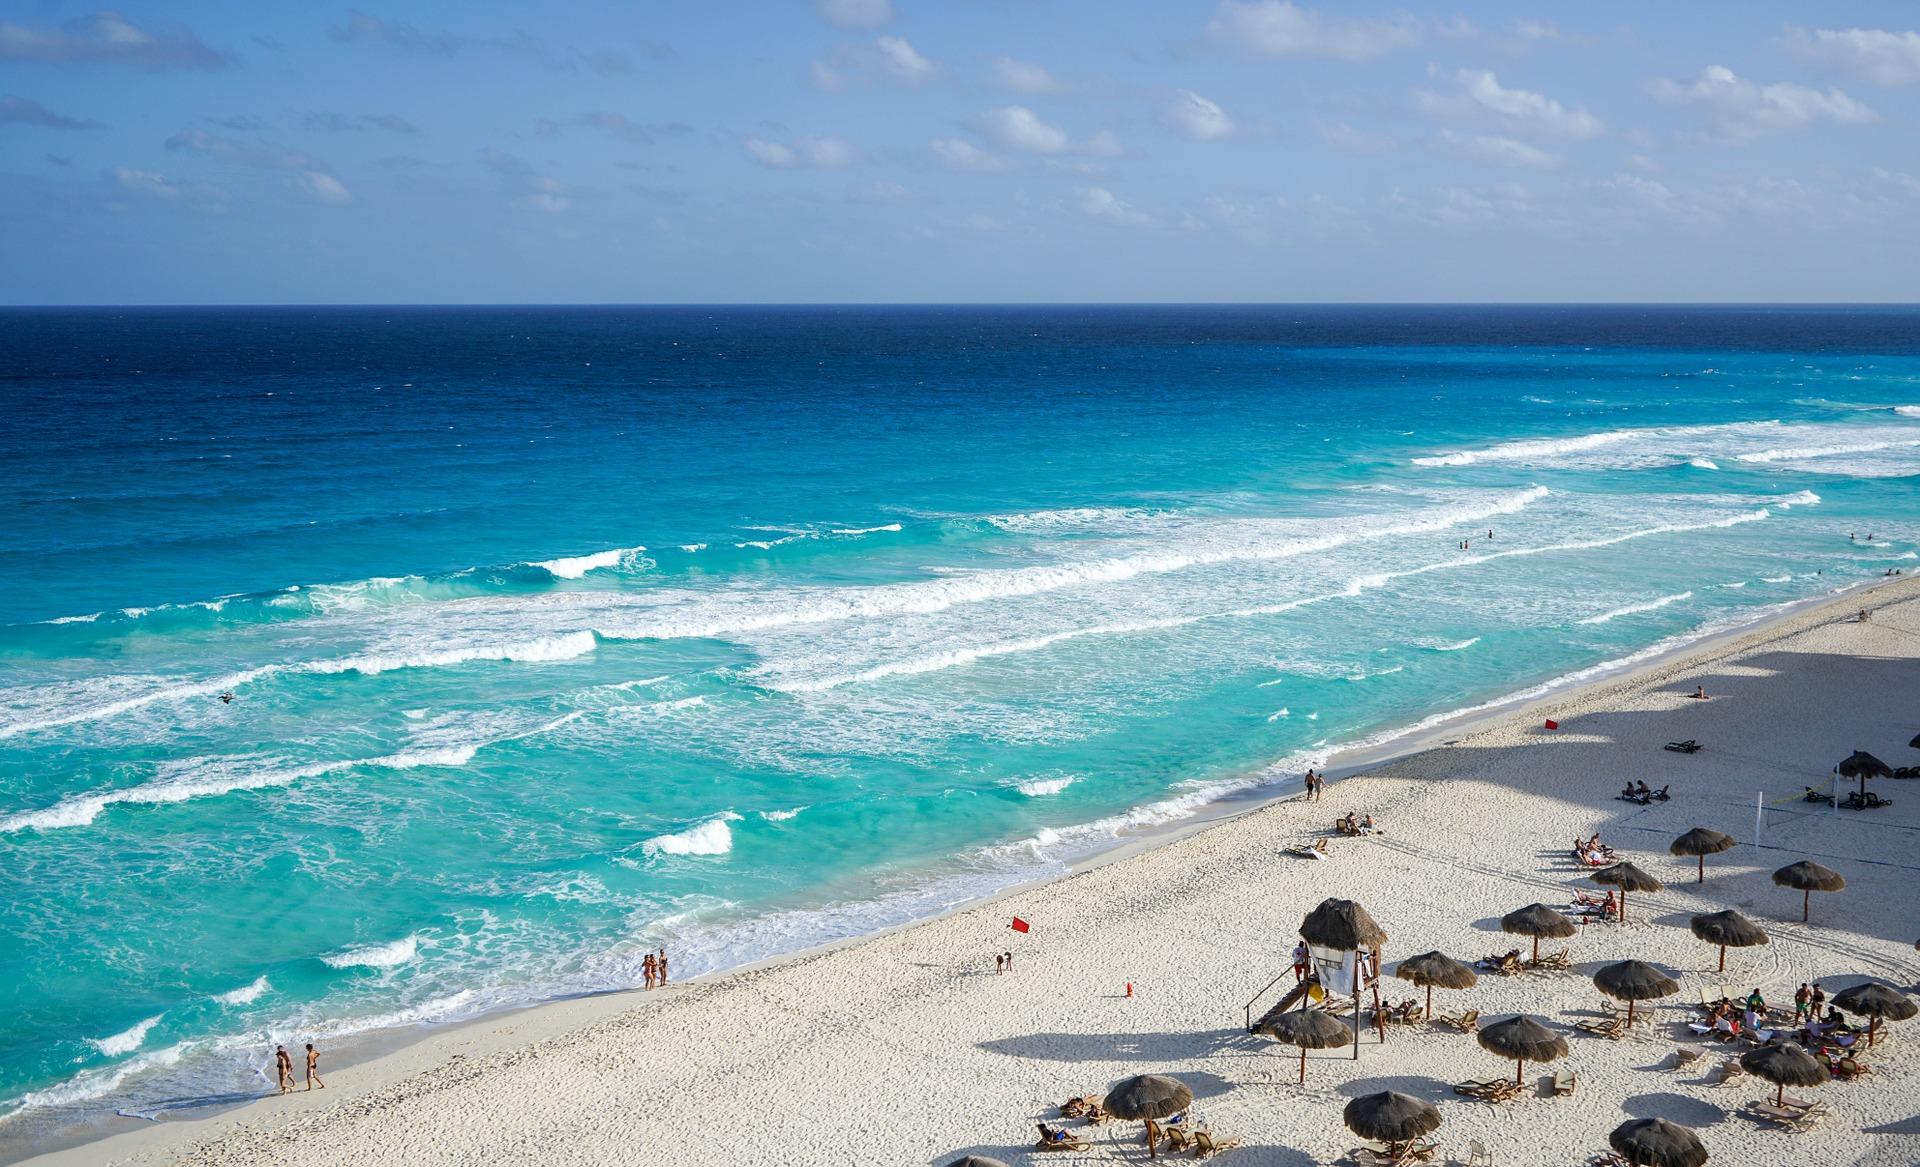 México se convierte en el líder Blue Flag de América, con 54 playas y tres marinas con este distintivo internacional